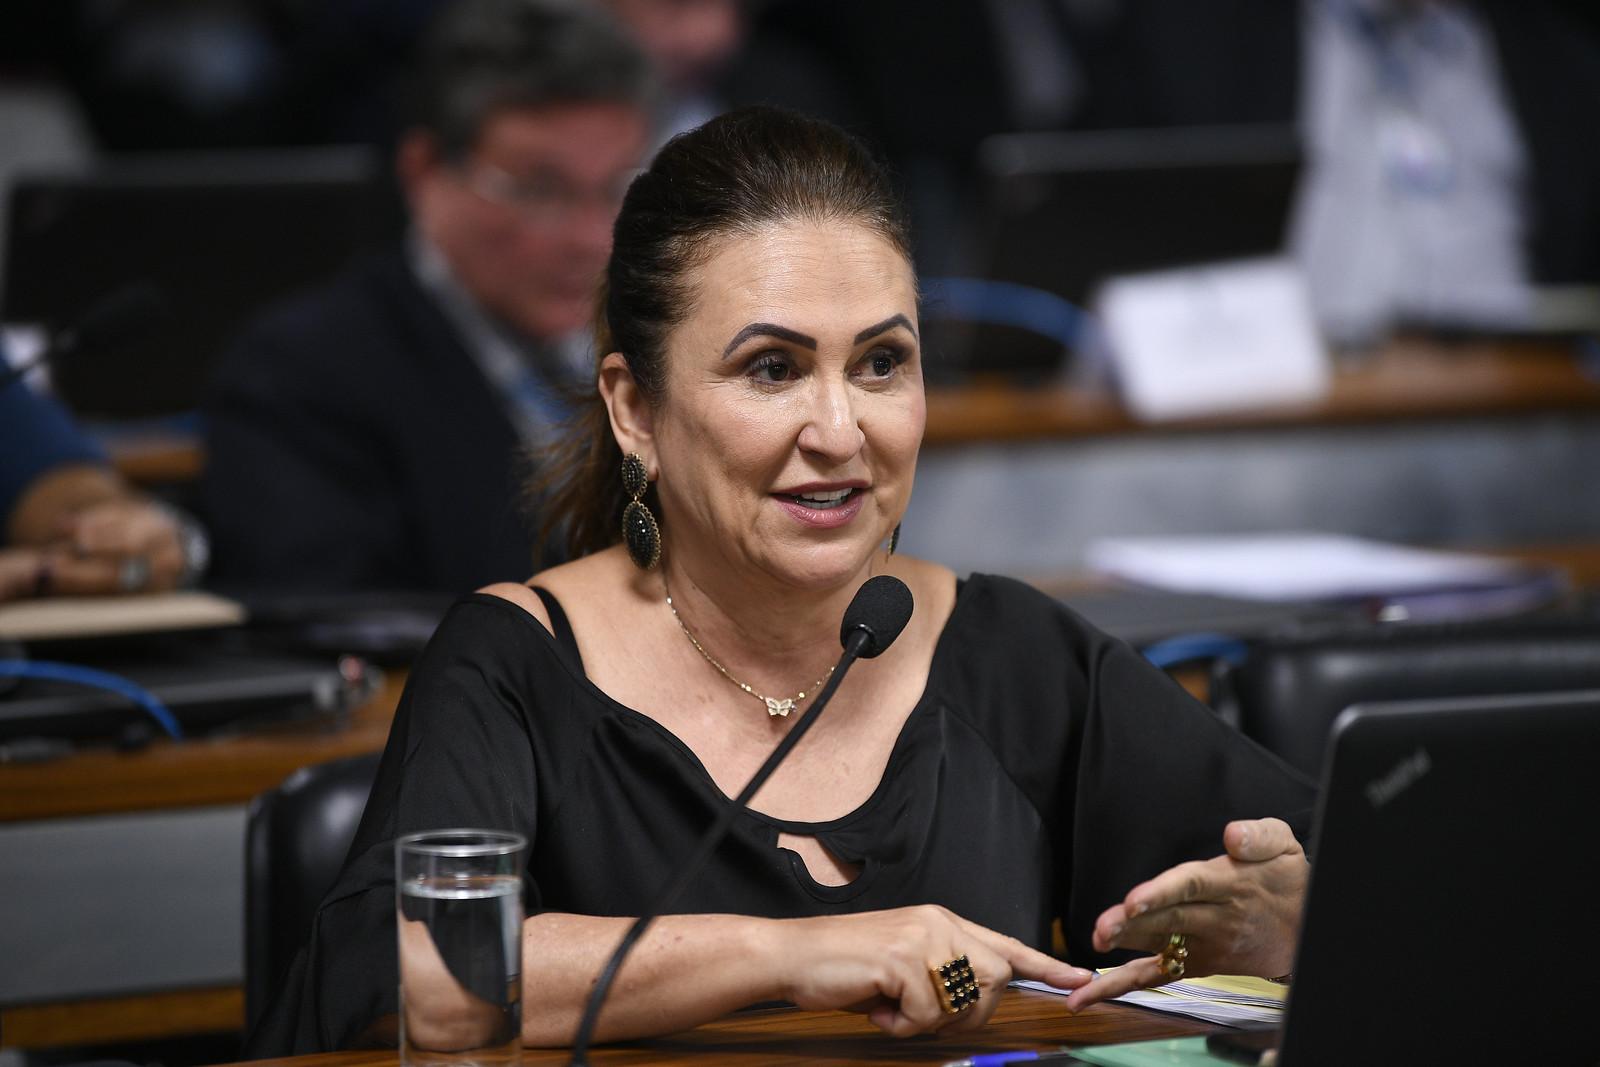 Exames de Kátia Abreu mostram evolução positiva, segundo boletim